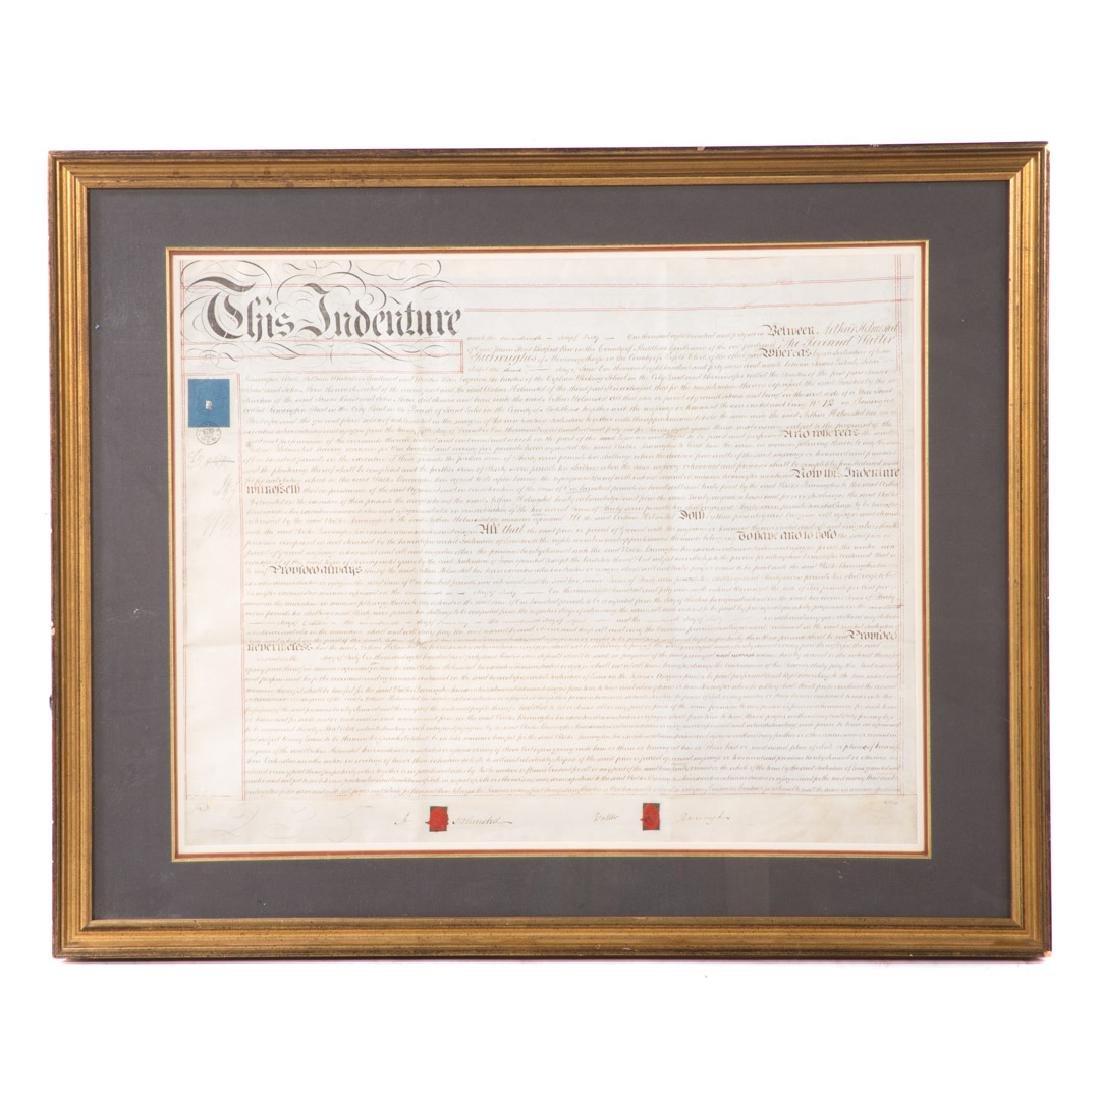 Indenture document